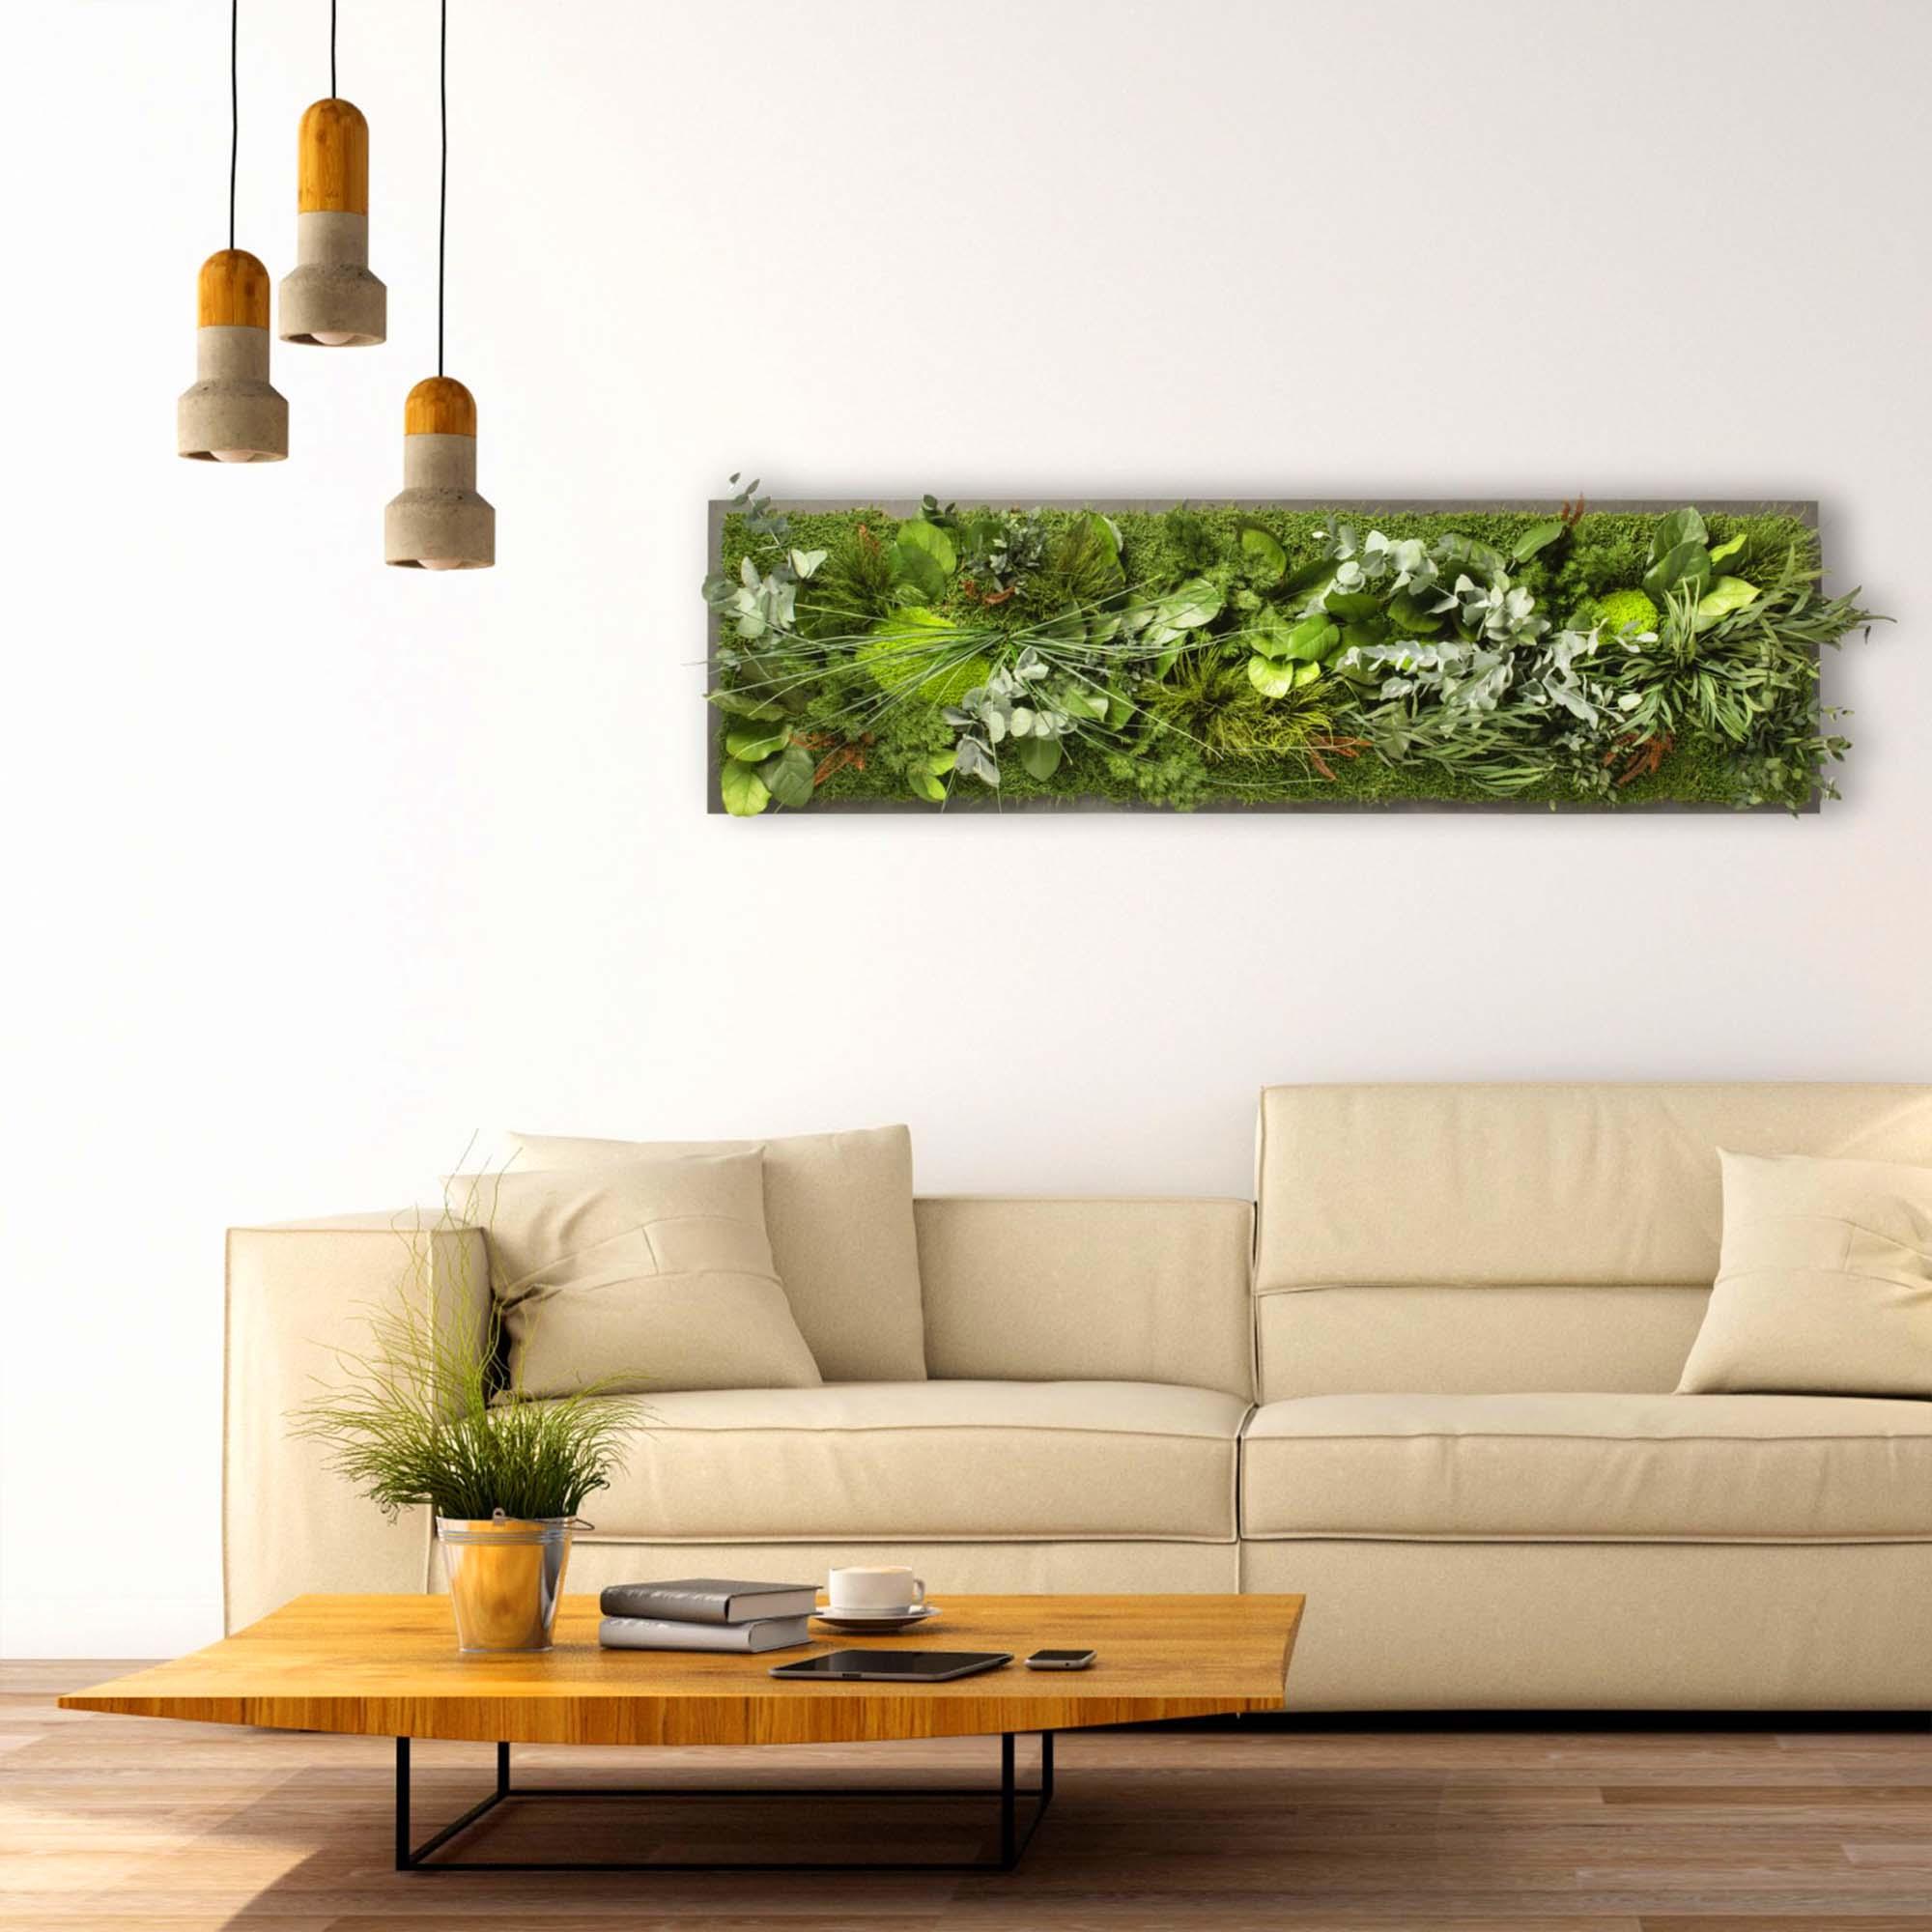 Dschungelmoosbild lang auf schwarzem Hintergrund in Stube mit heller Coach